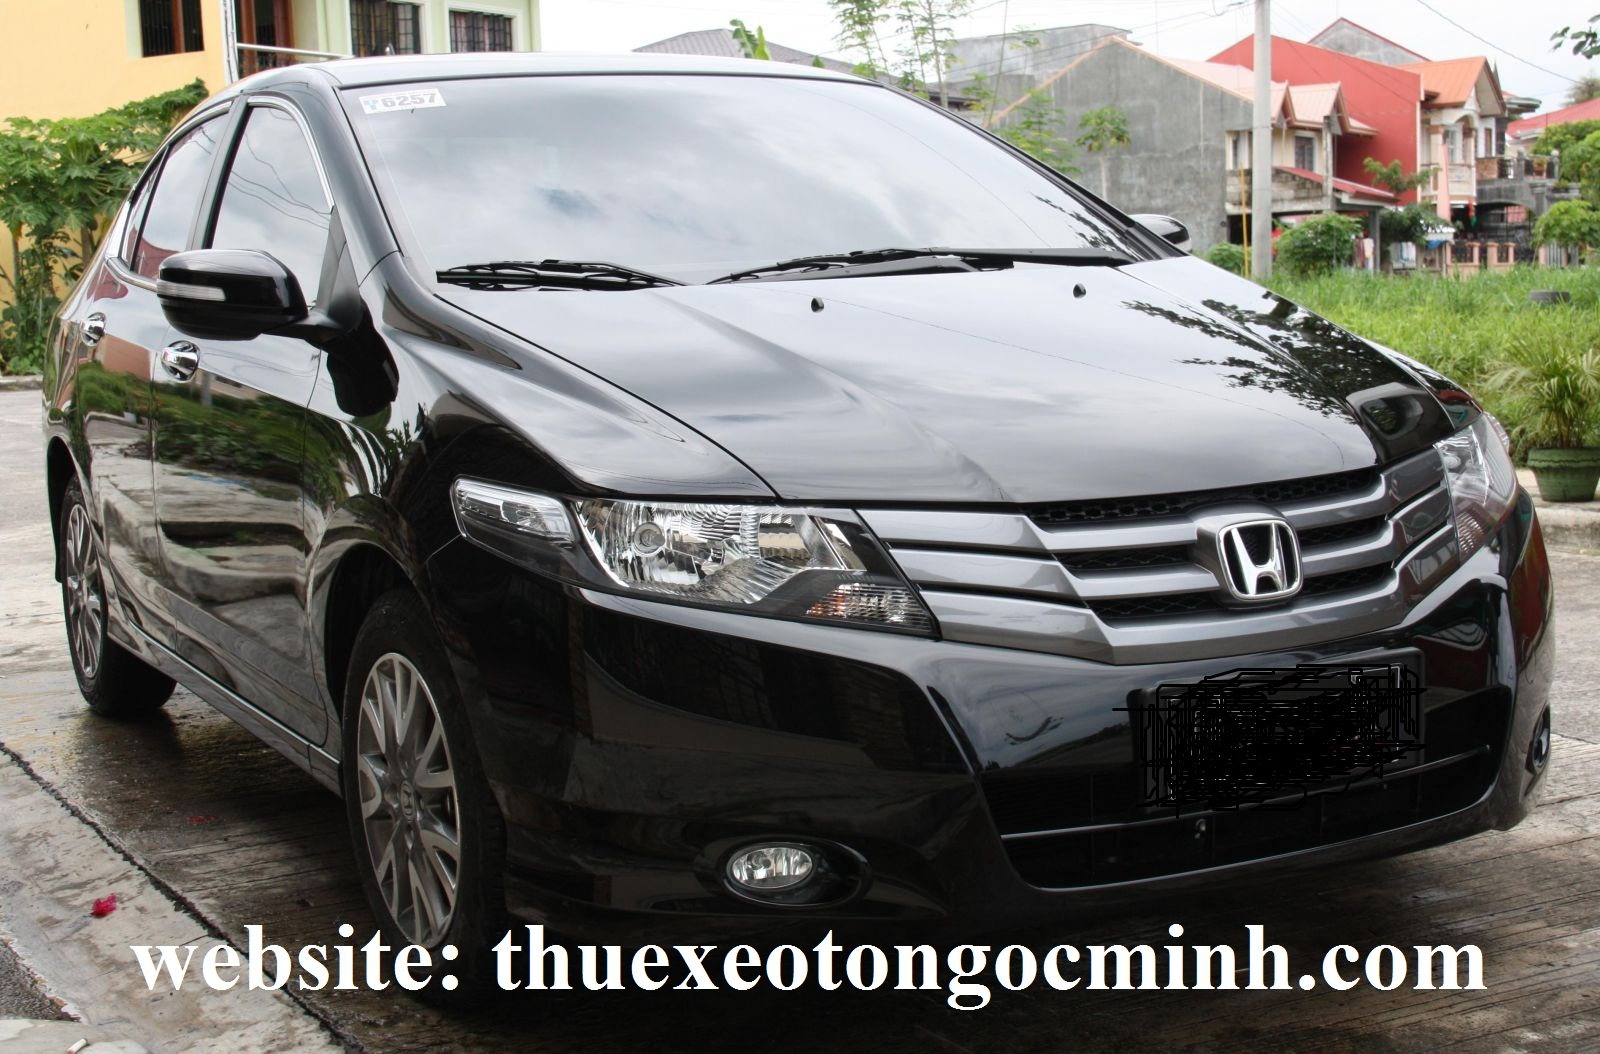 thuê xe tháng 4 chỗ Honda city tại Hà Nội